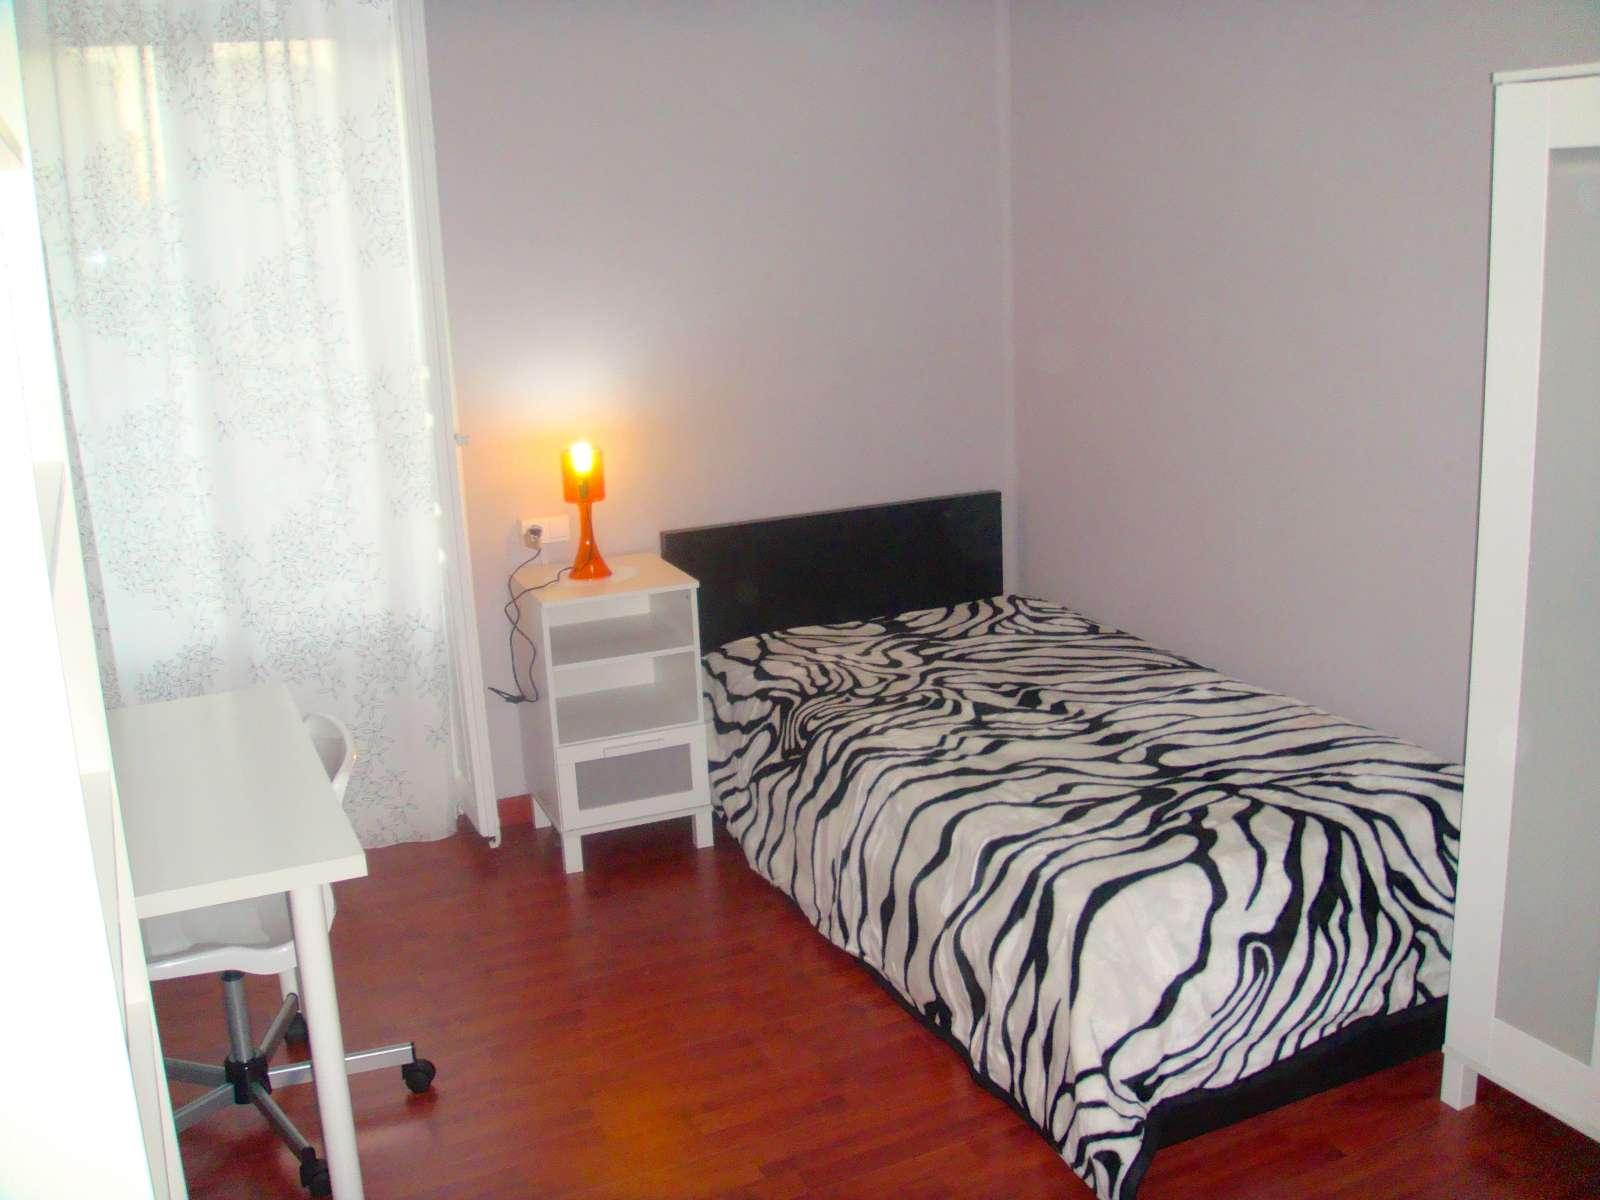 Camera disponibile in un alloggio per studenti ...